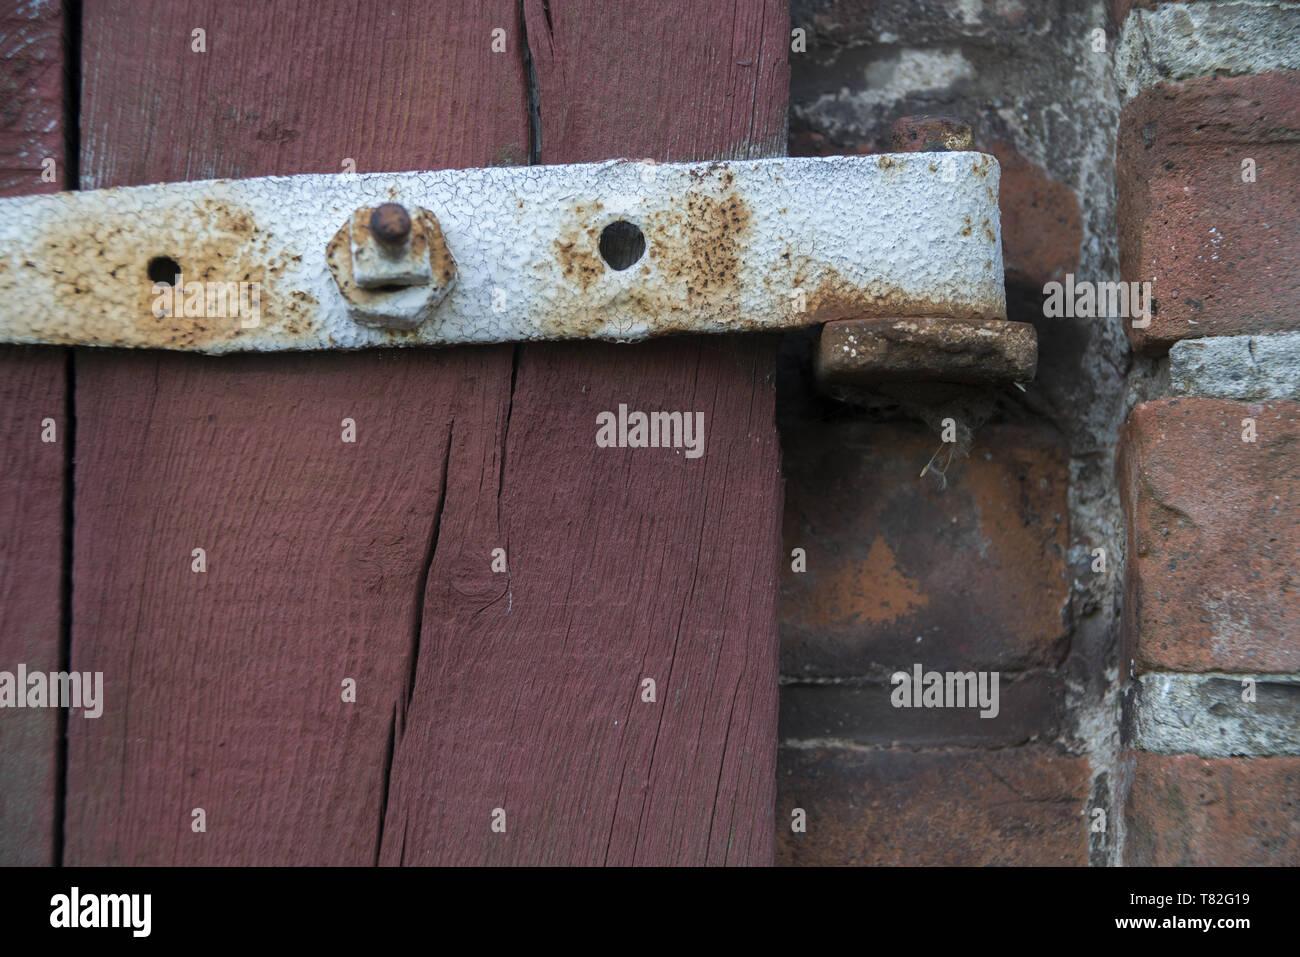 A fragment of an old wooden door with a rusty hinge. Ein Fragment einer alten Holztür mit einem rostigen Scharnier. Fragment starych drzwi z zawiasą. Stock Photo